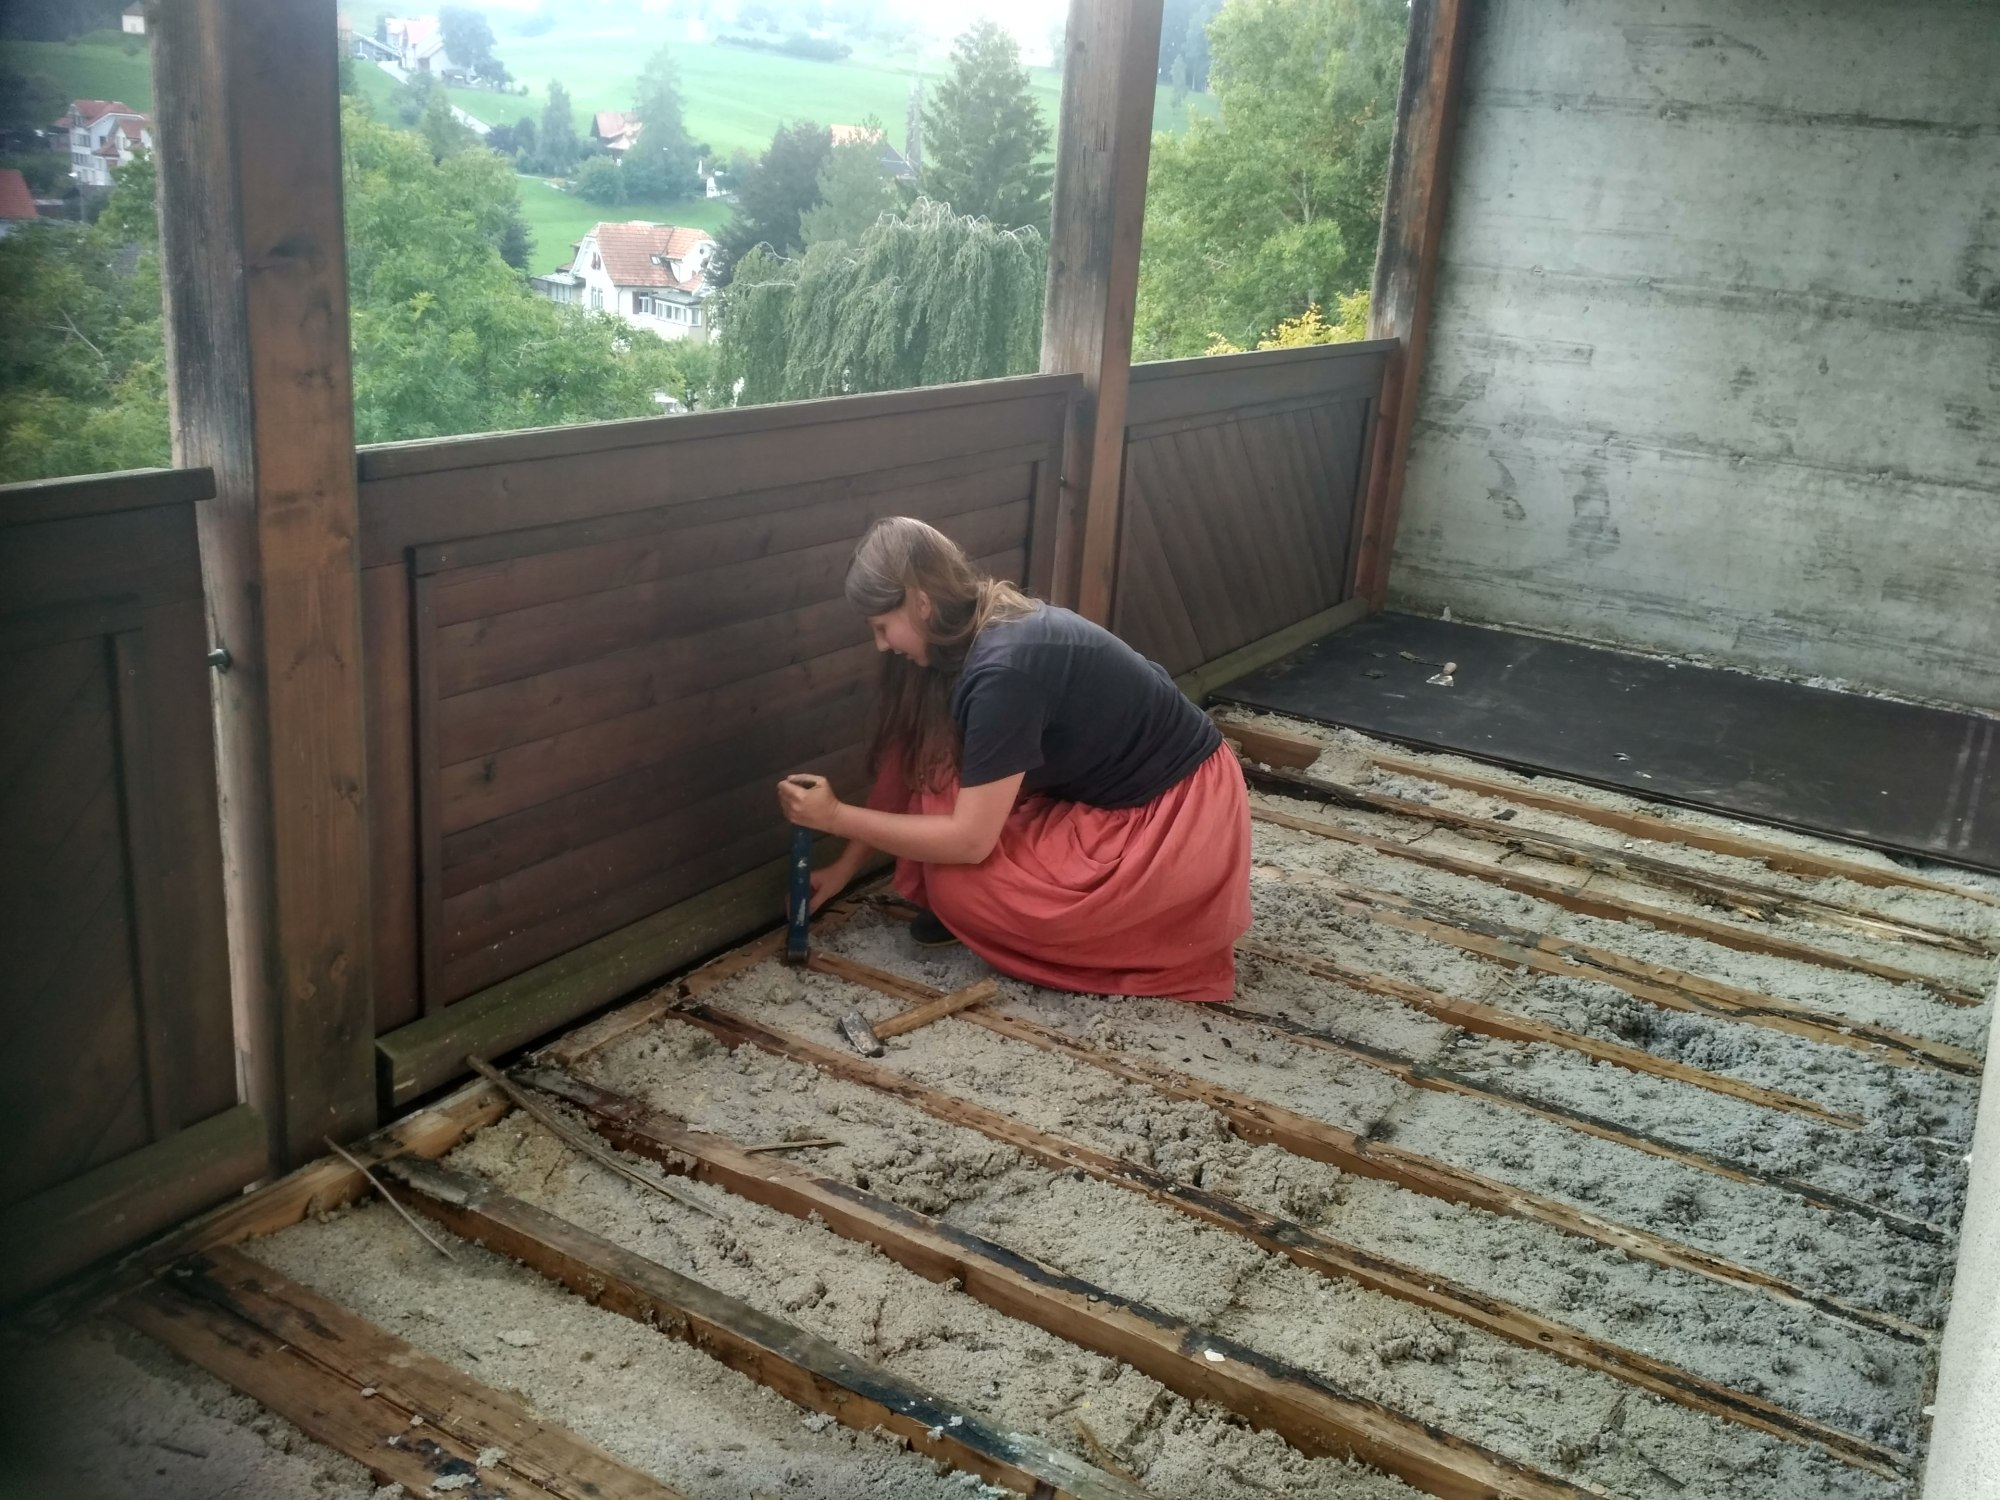 Iryna, from Ukraine (28), EVS in Switzerland